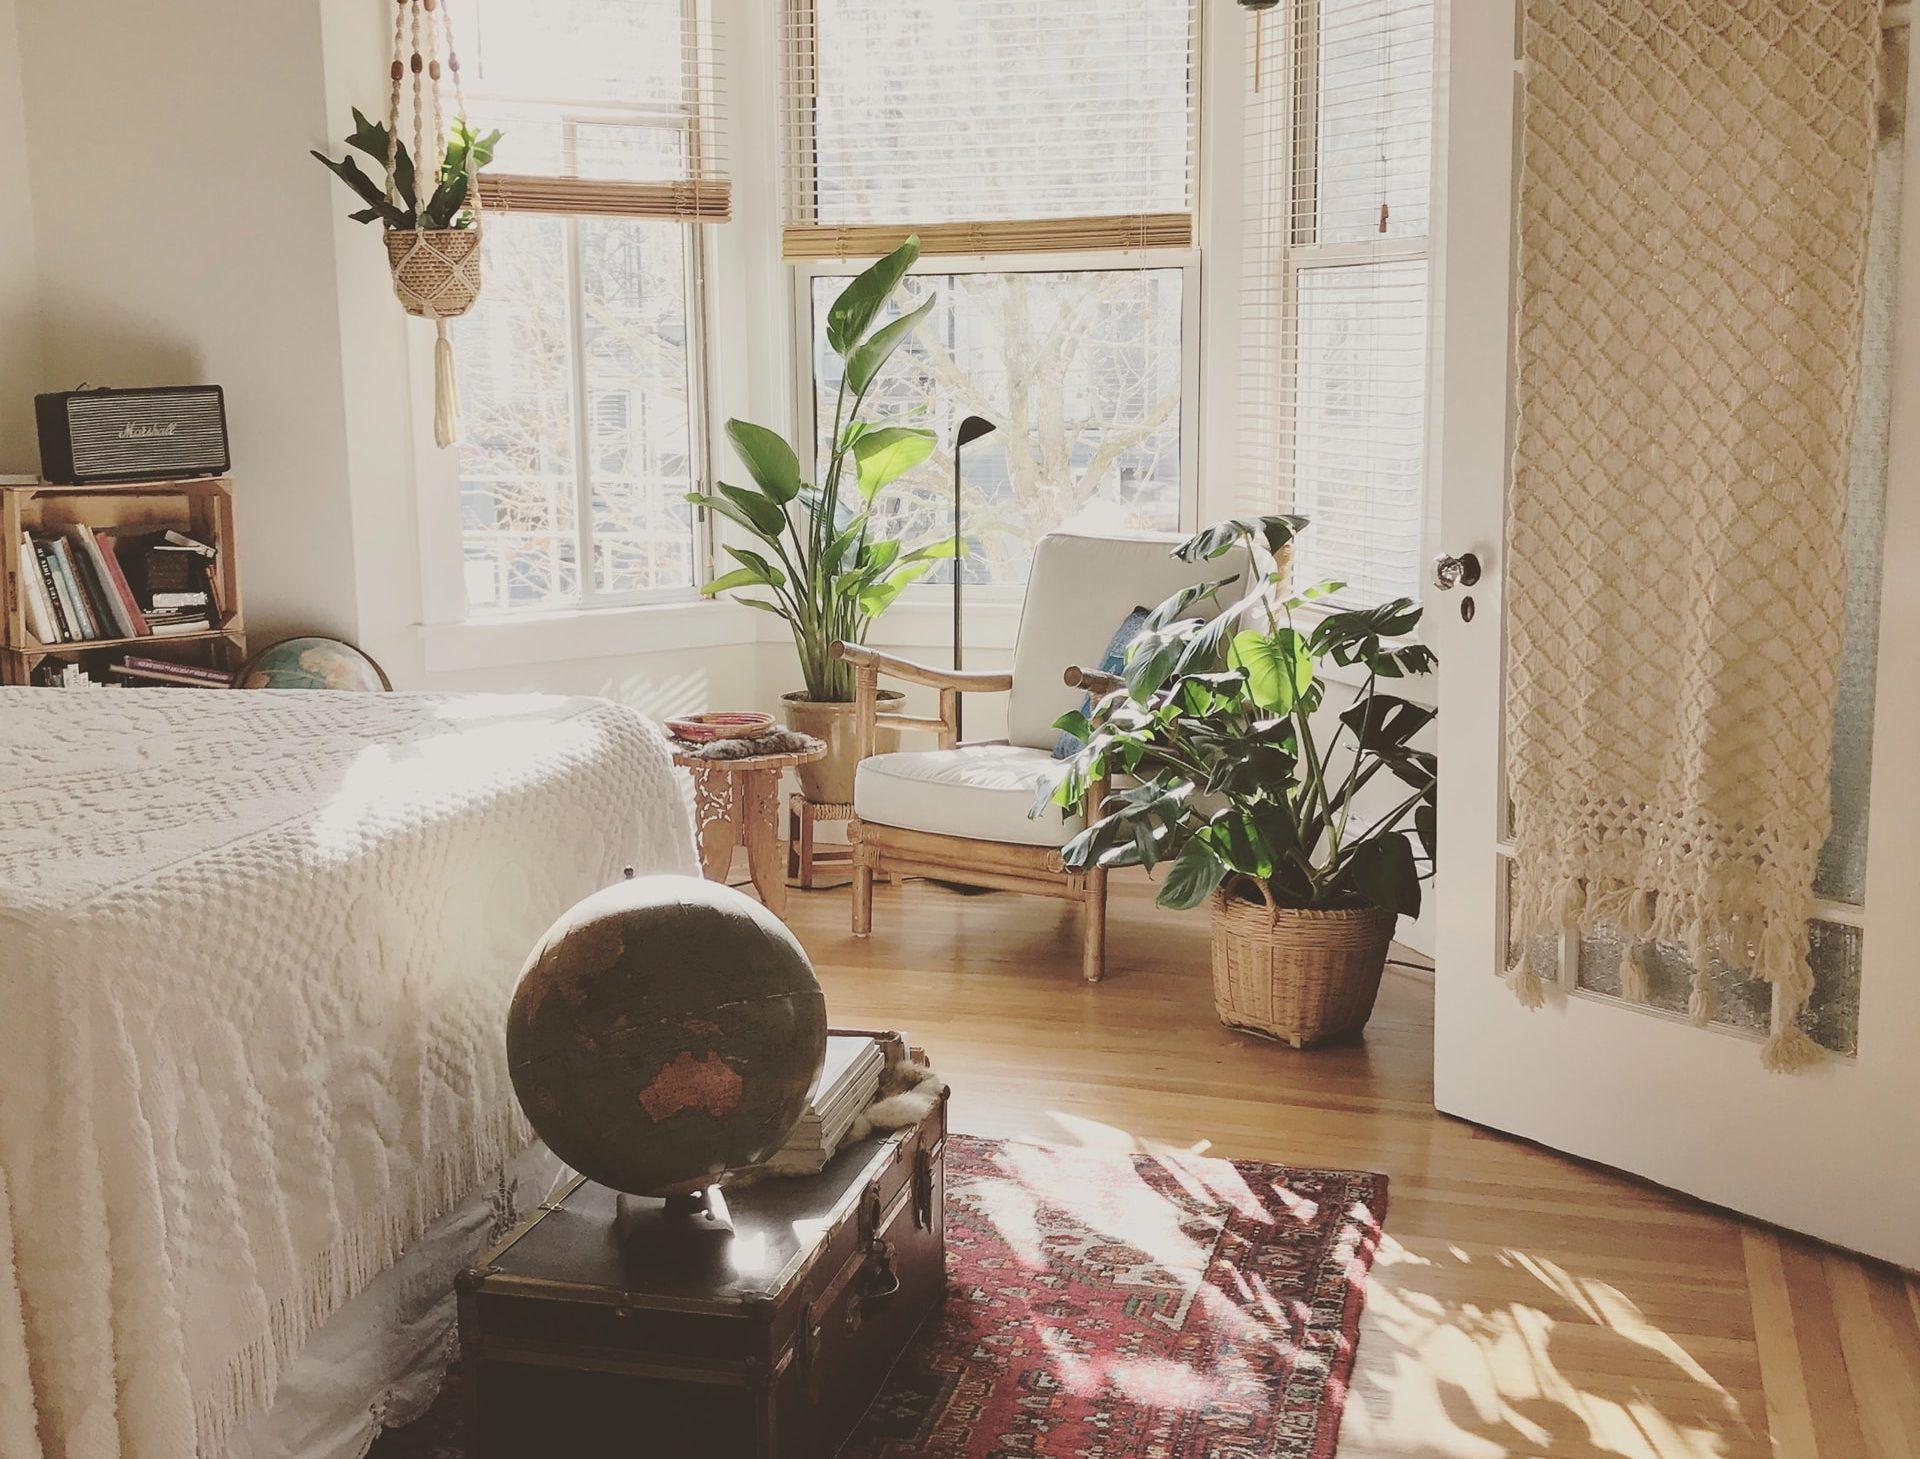 izba s rastlinami